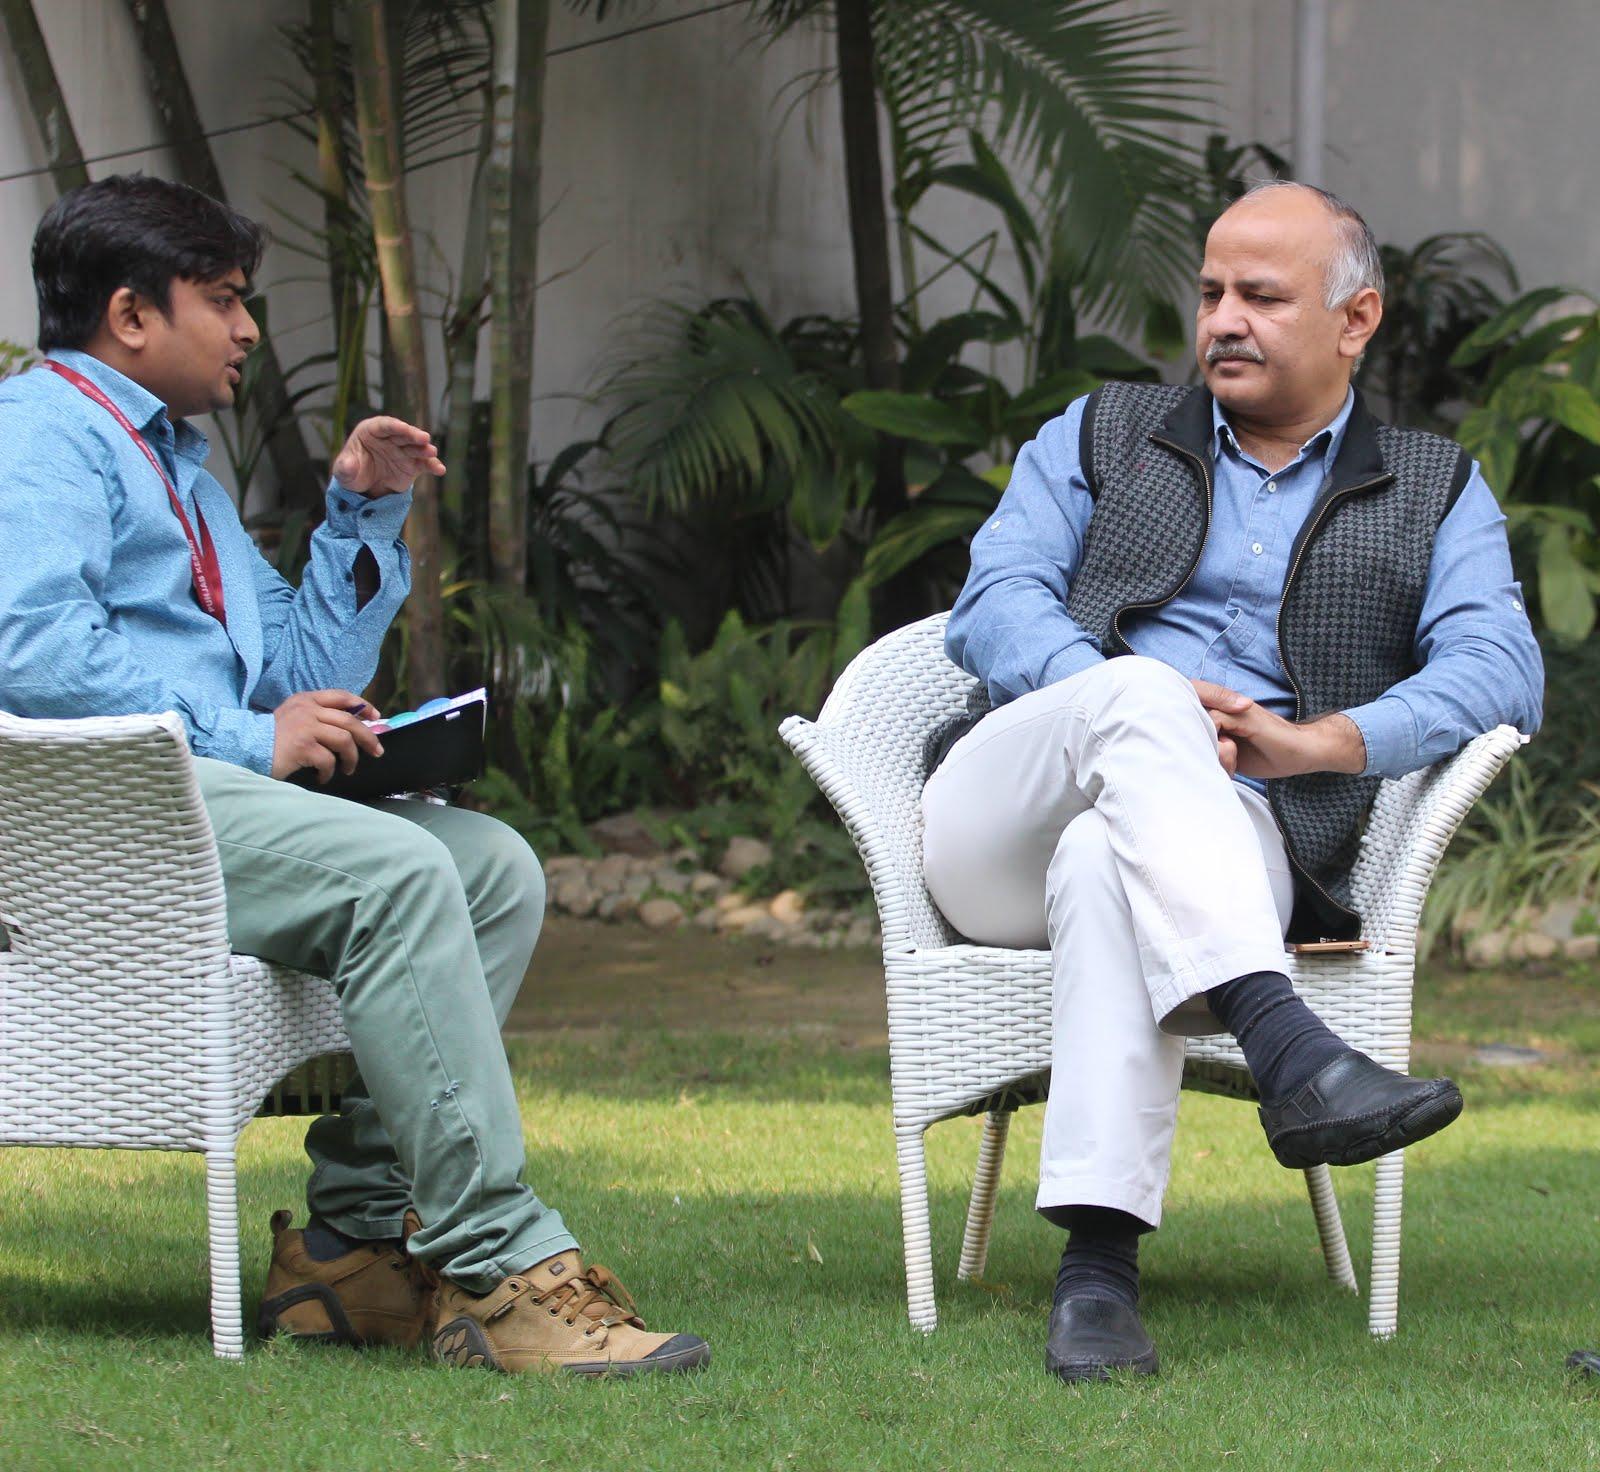 दिल्ली के उपमुख्यमंत्री मनीष सिसोदिया से सरकार की दूसरी वर्षगांठ पर विशेष साक्षात्कार